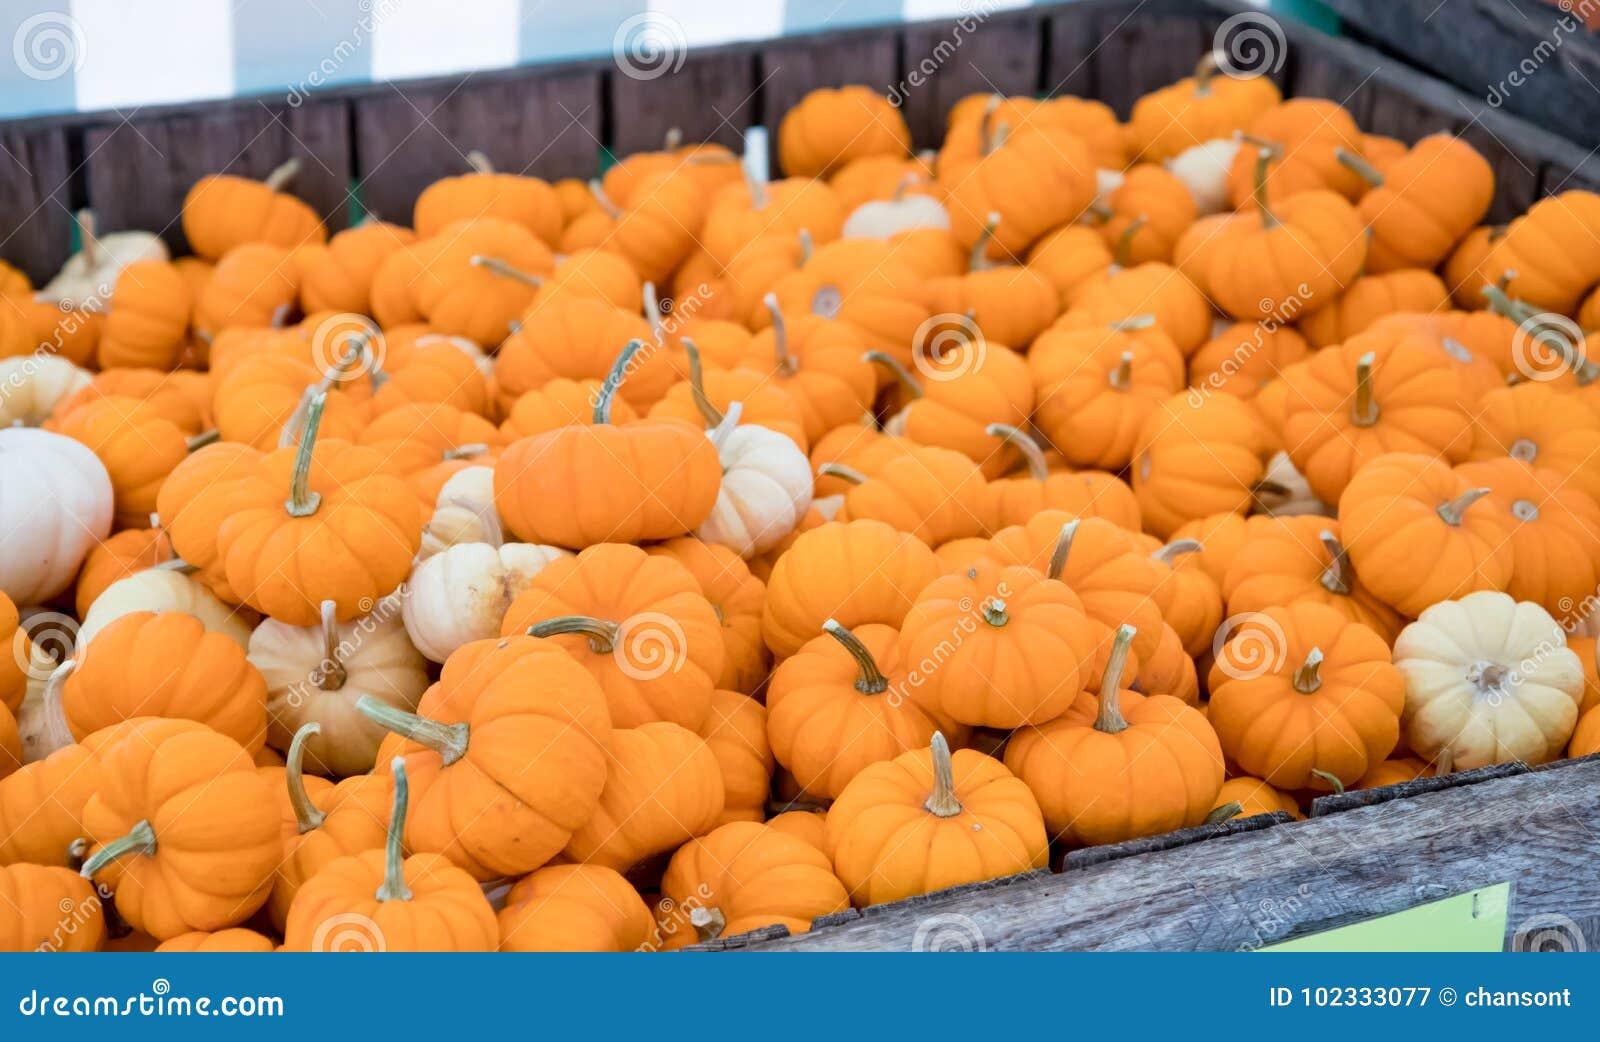 Crate of mini pumpkins